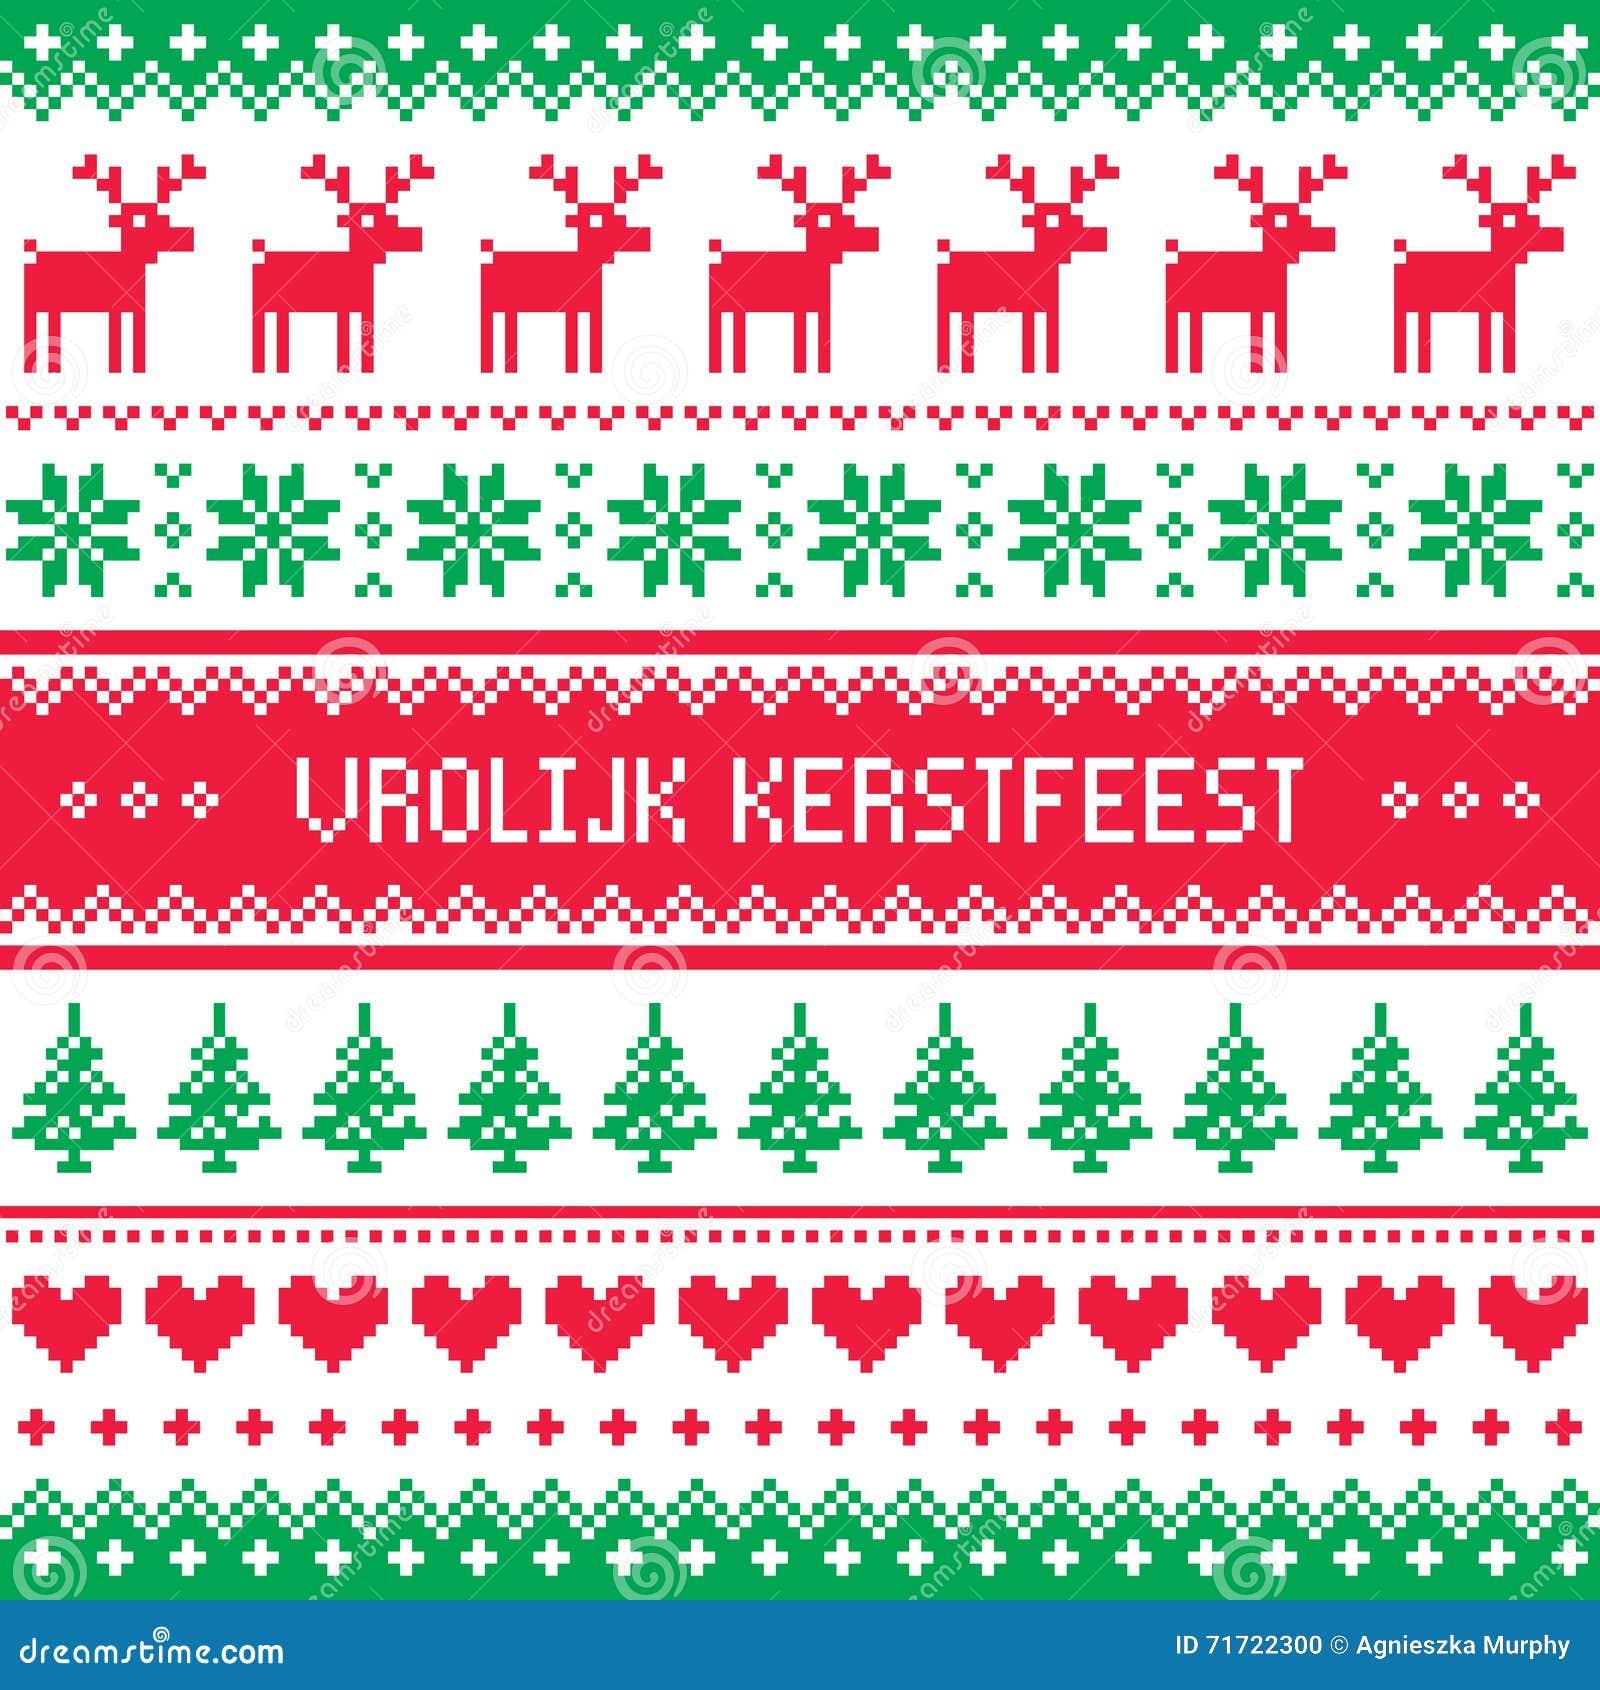 Vrolijk kerstfeest greetings card merry christmas in dutch and vrolijk kerstfeest greetings card merry christmas in dutch and flemish kristyandbryce Choice Image